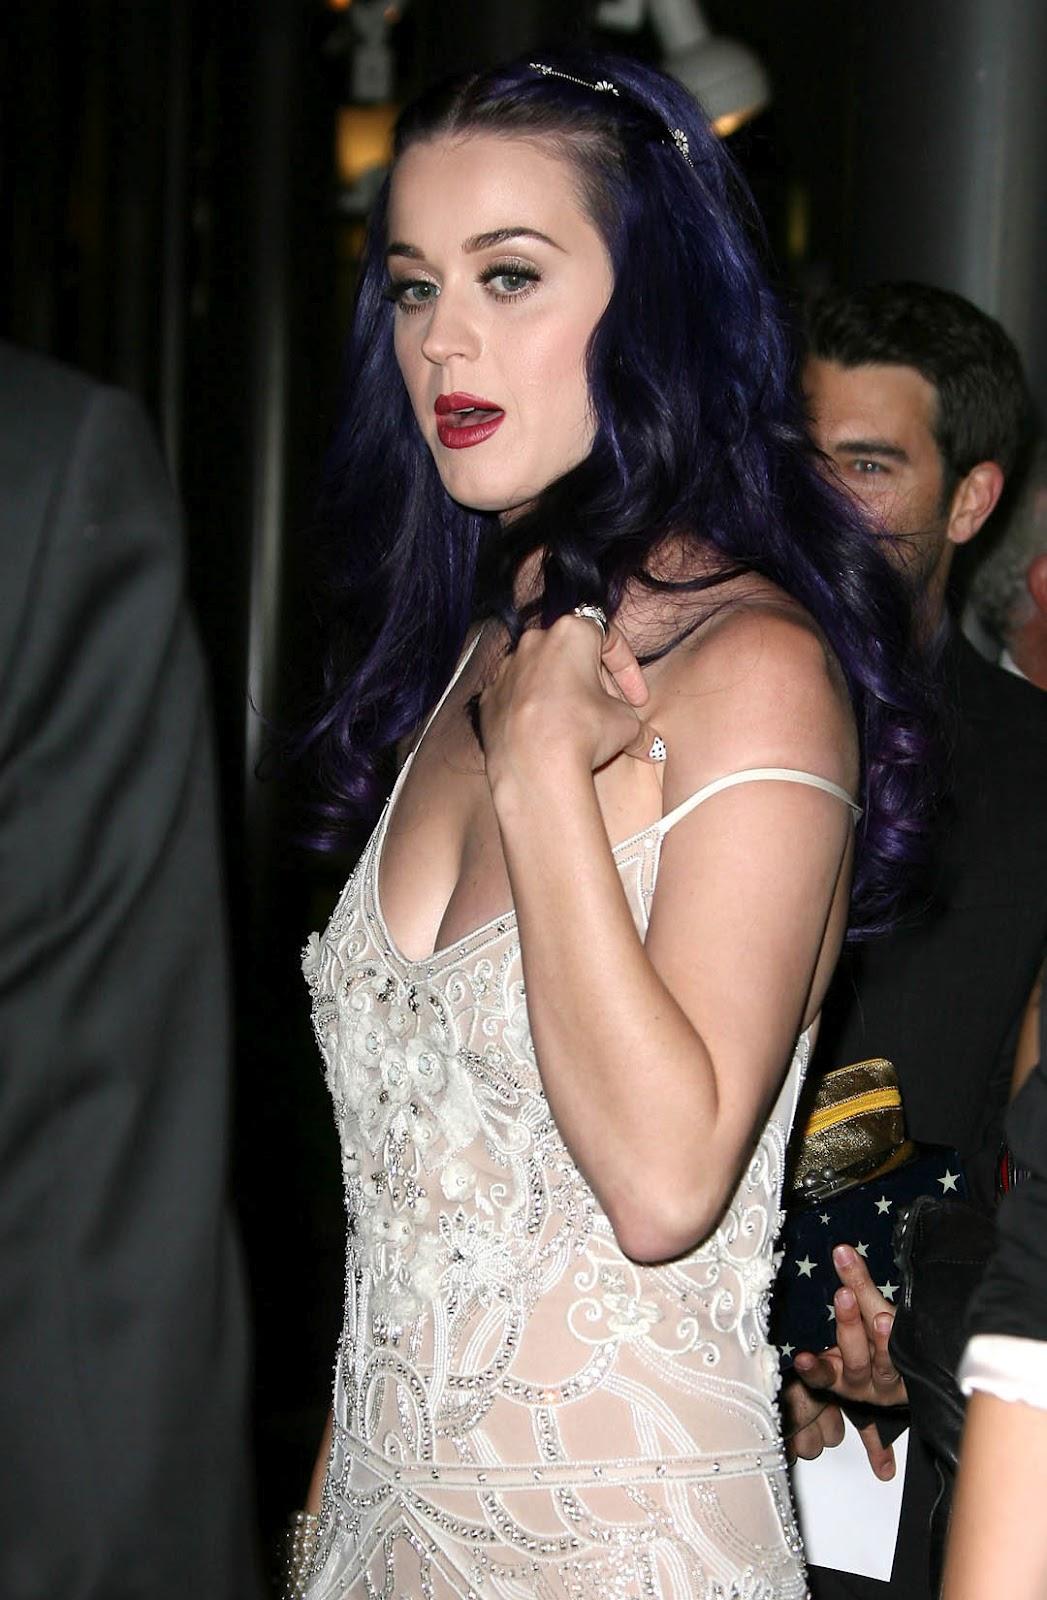 Katy perry hot wardrobe malfunction